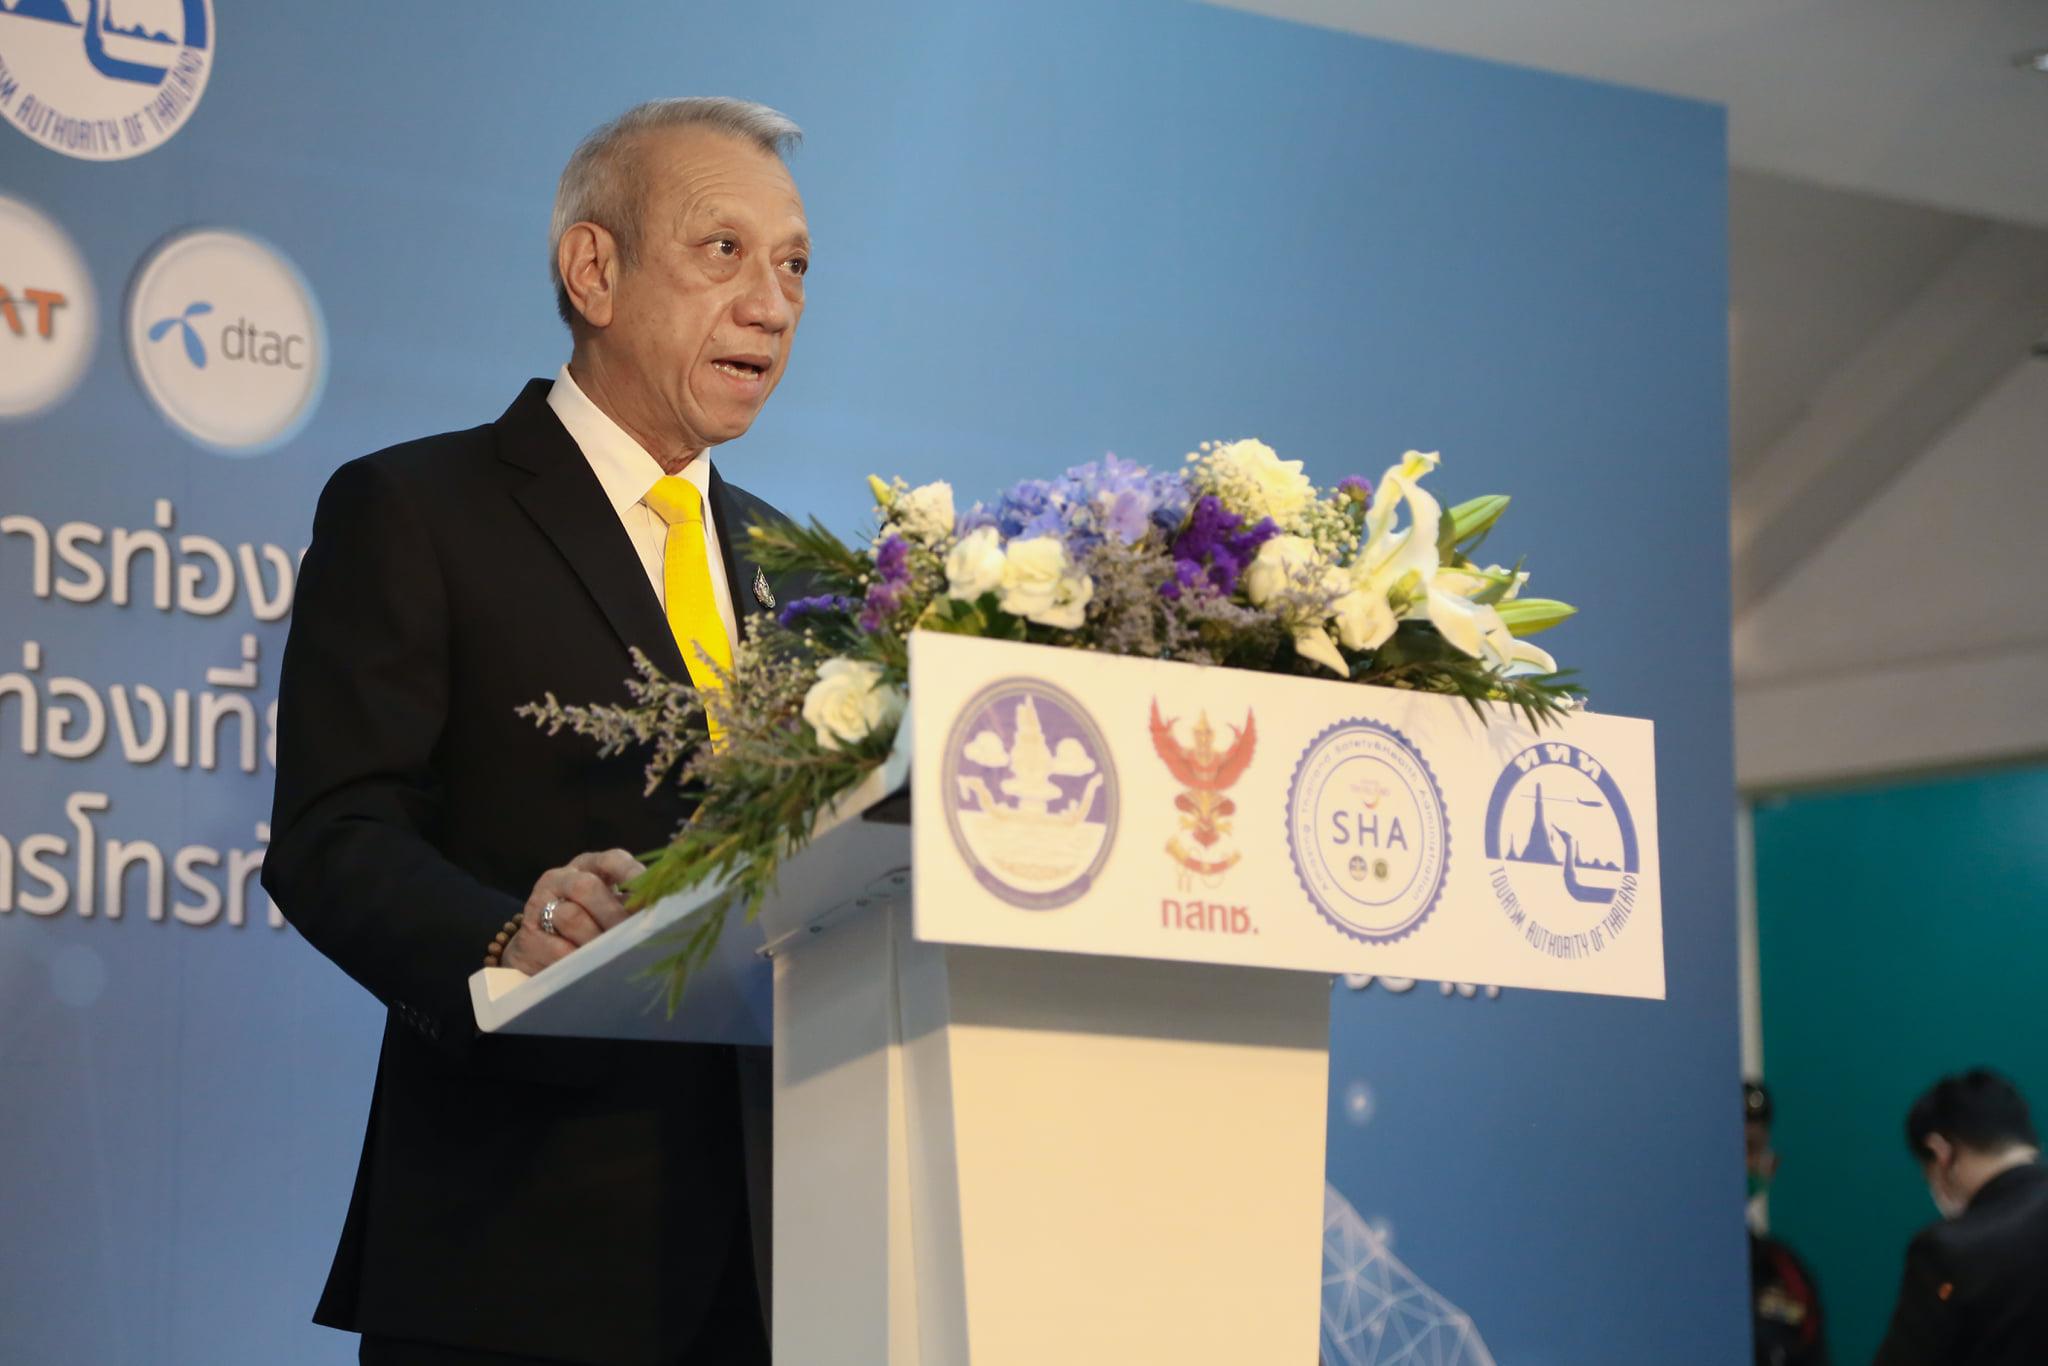 กระทรวงการท่องเที่ยวและกีฬา โดยการท่องเที่ยวแห่งประเทศไทย (ททท.) ร่วมกับ สำนักงาน กสทช. แถลงข่าวความร่วมมือด้านการท่องเที่ยวสร้างความเชื่อมั่นอุตสาหกรรมท่องเที่ยวของประเทศไทย